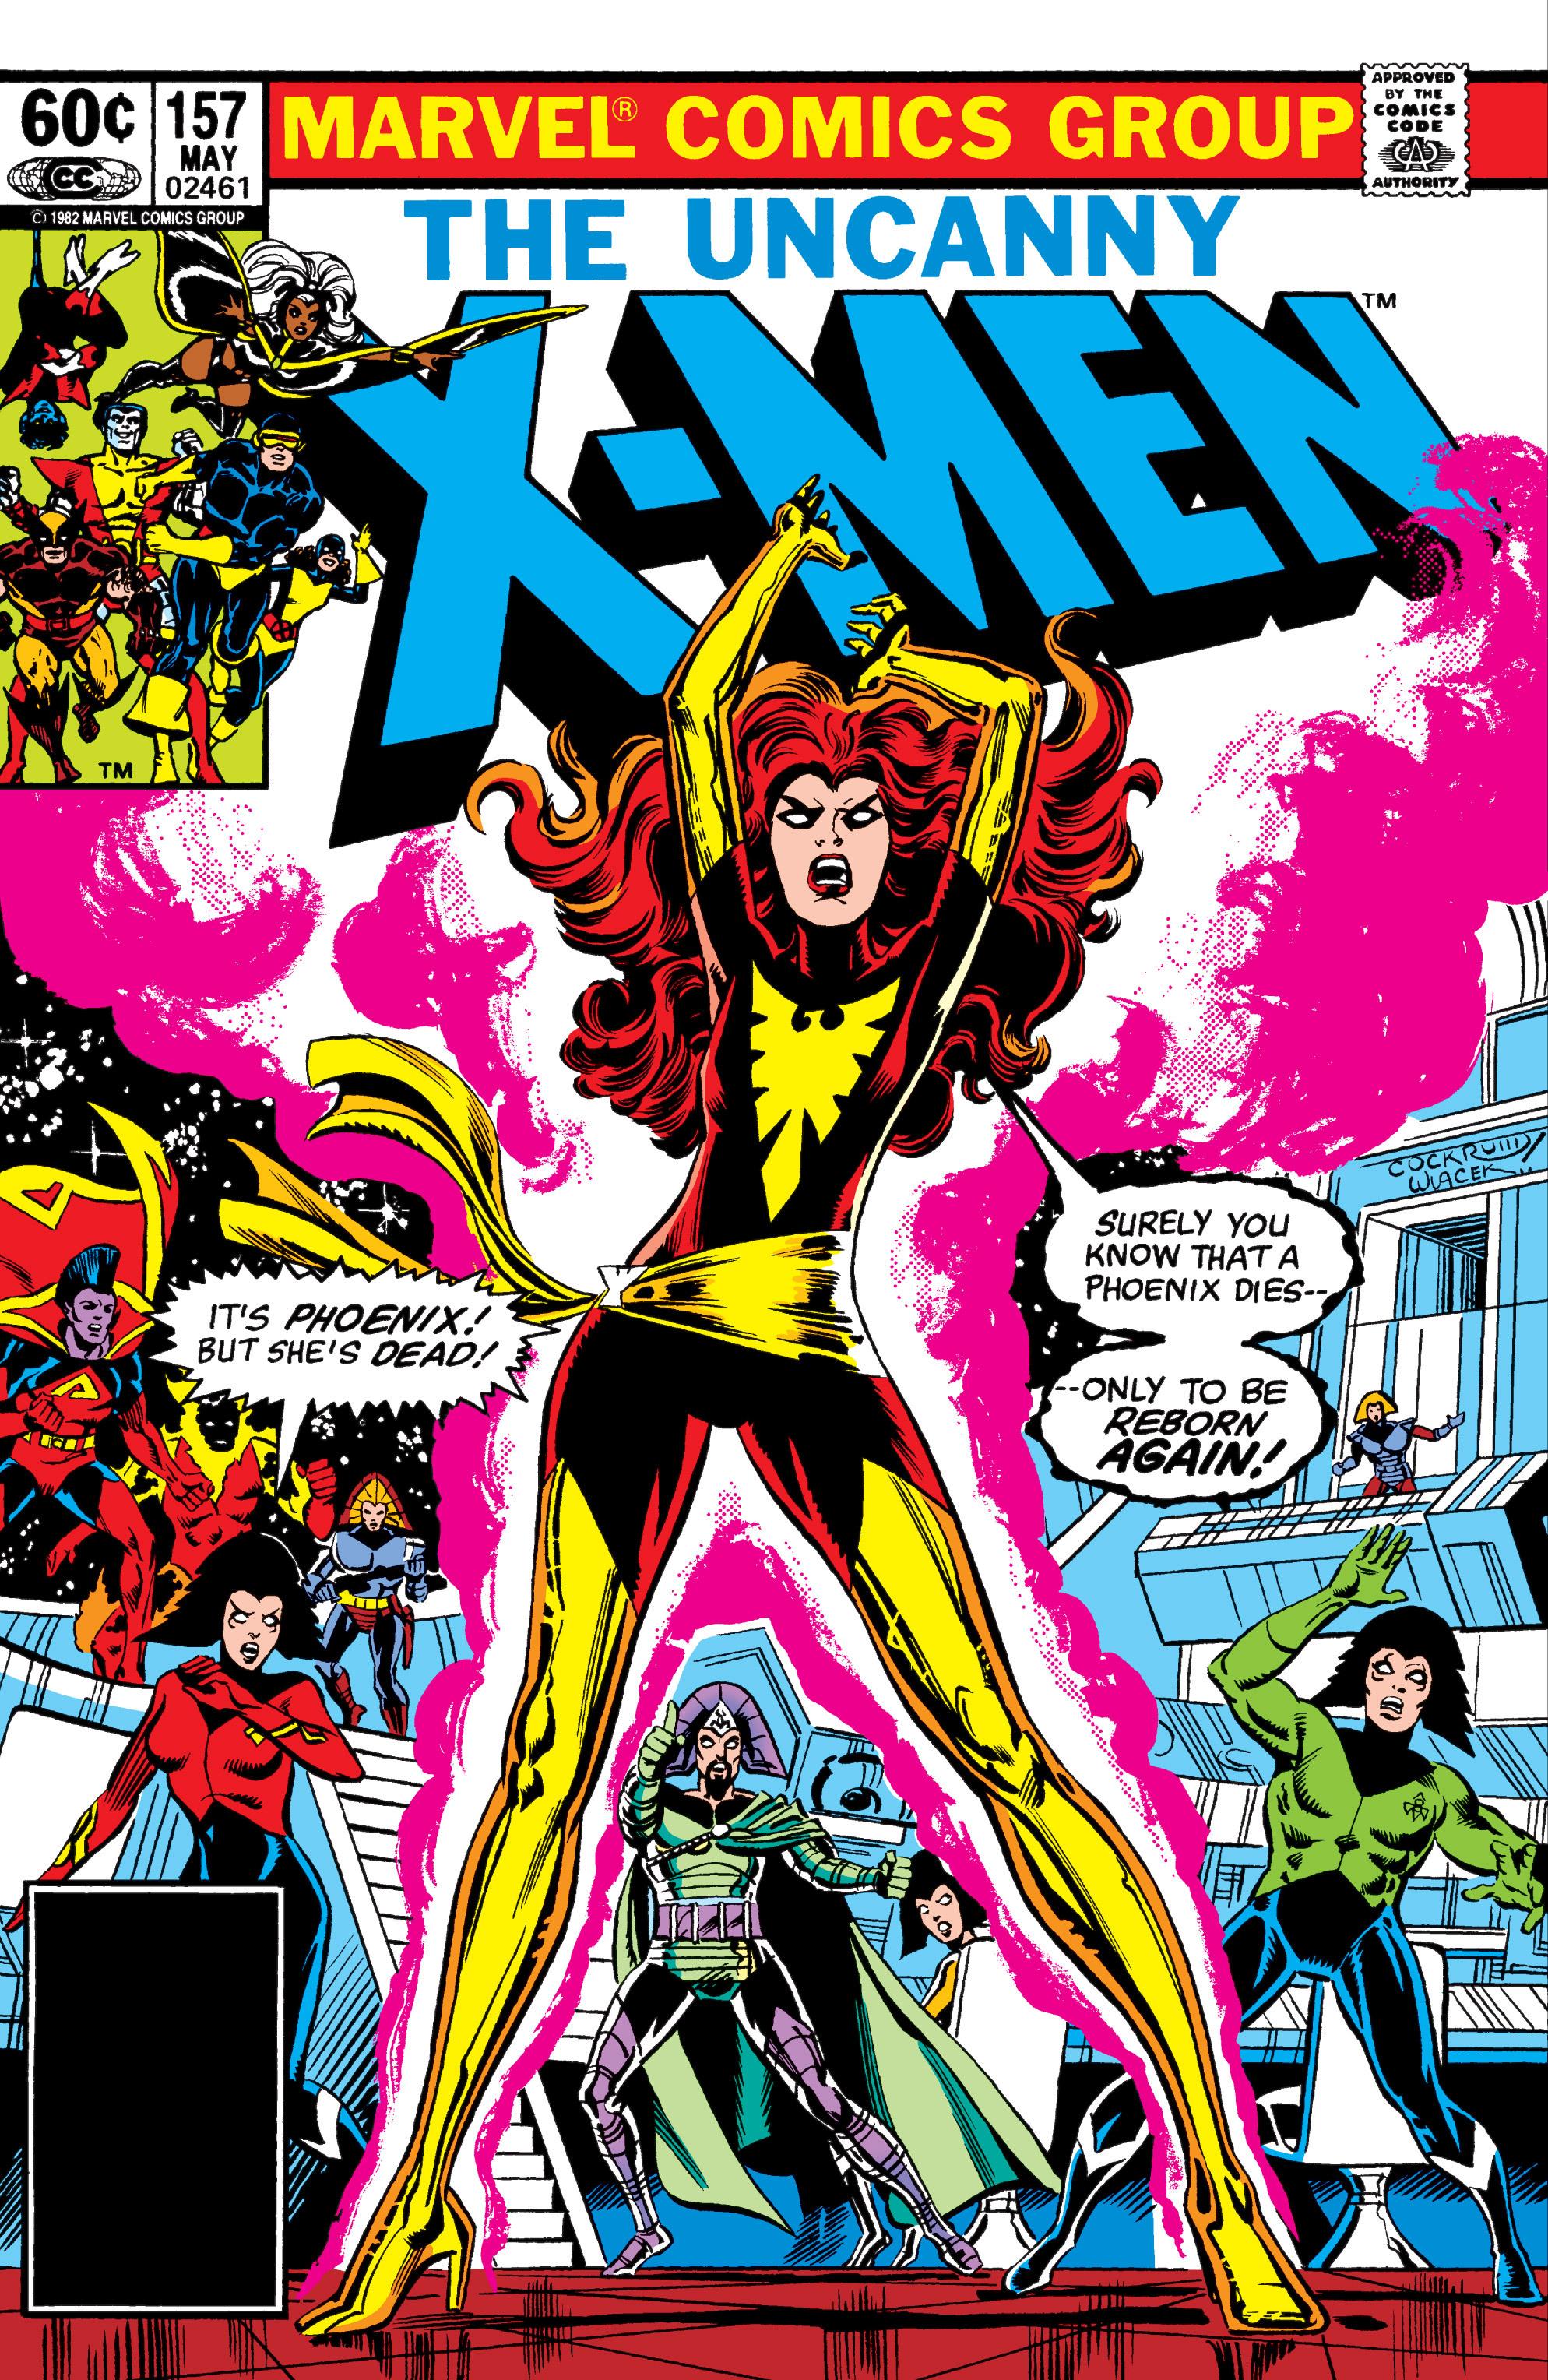 Uncanny X-Men (1963) 157 Page 1